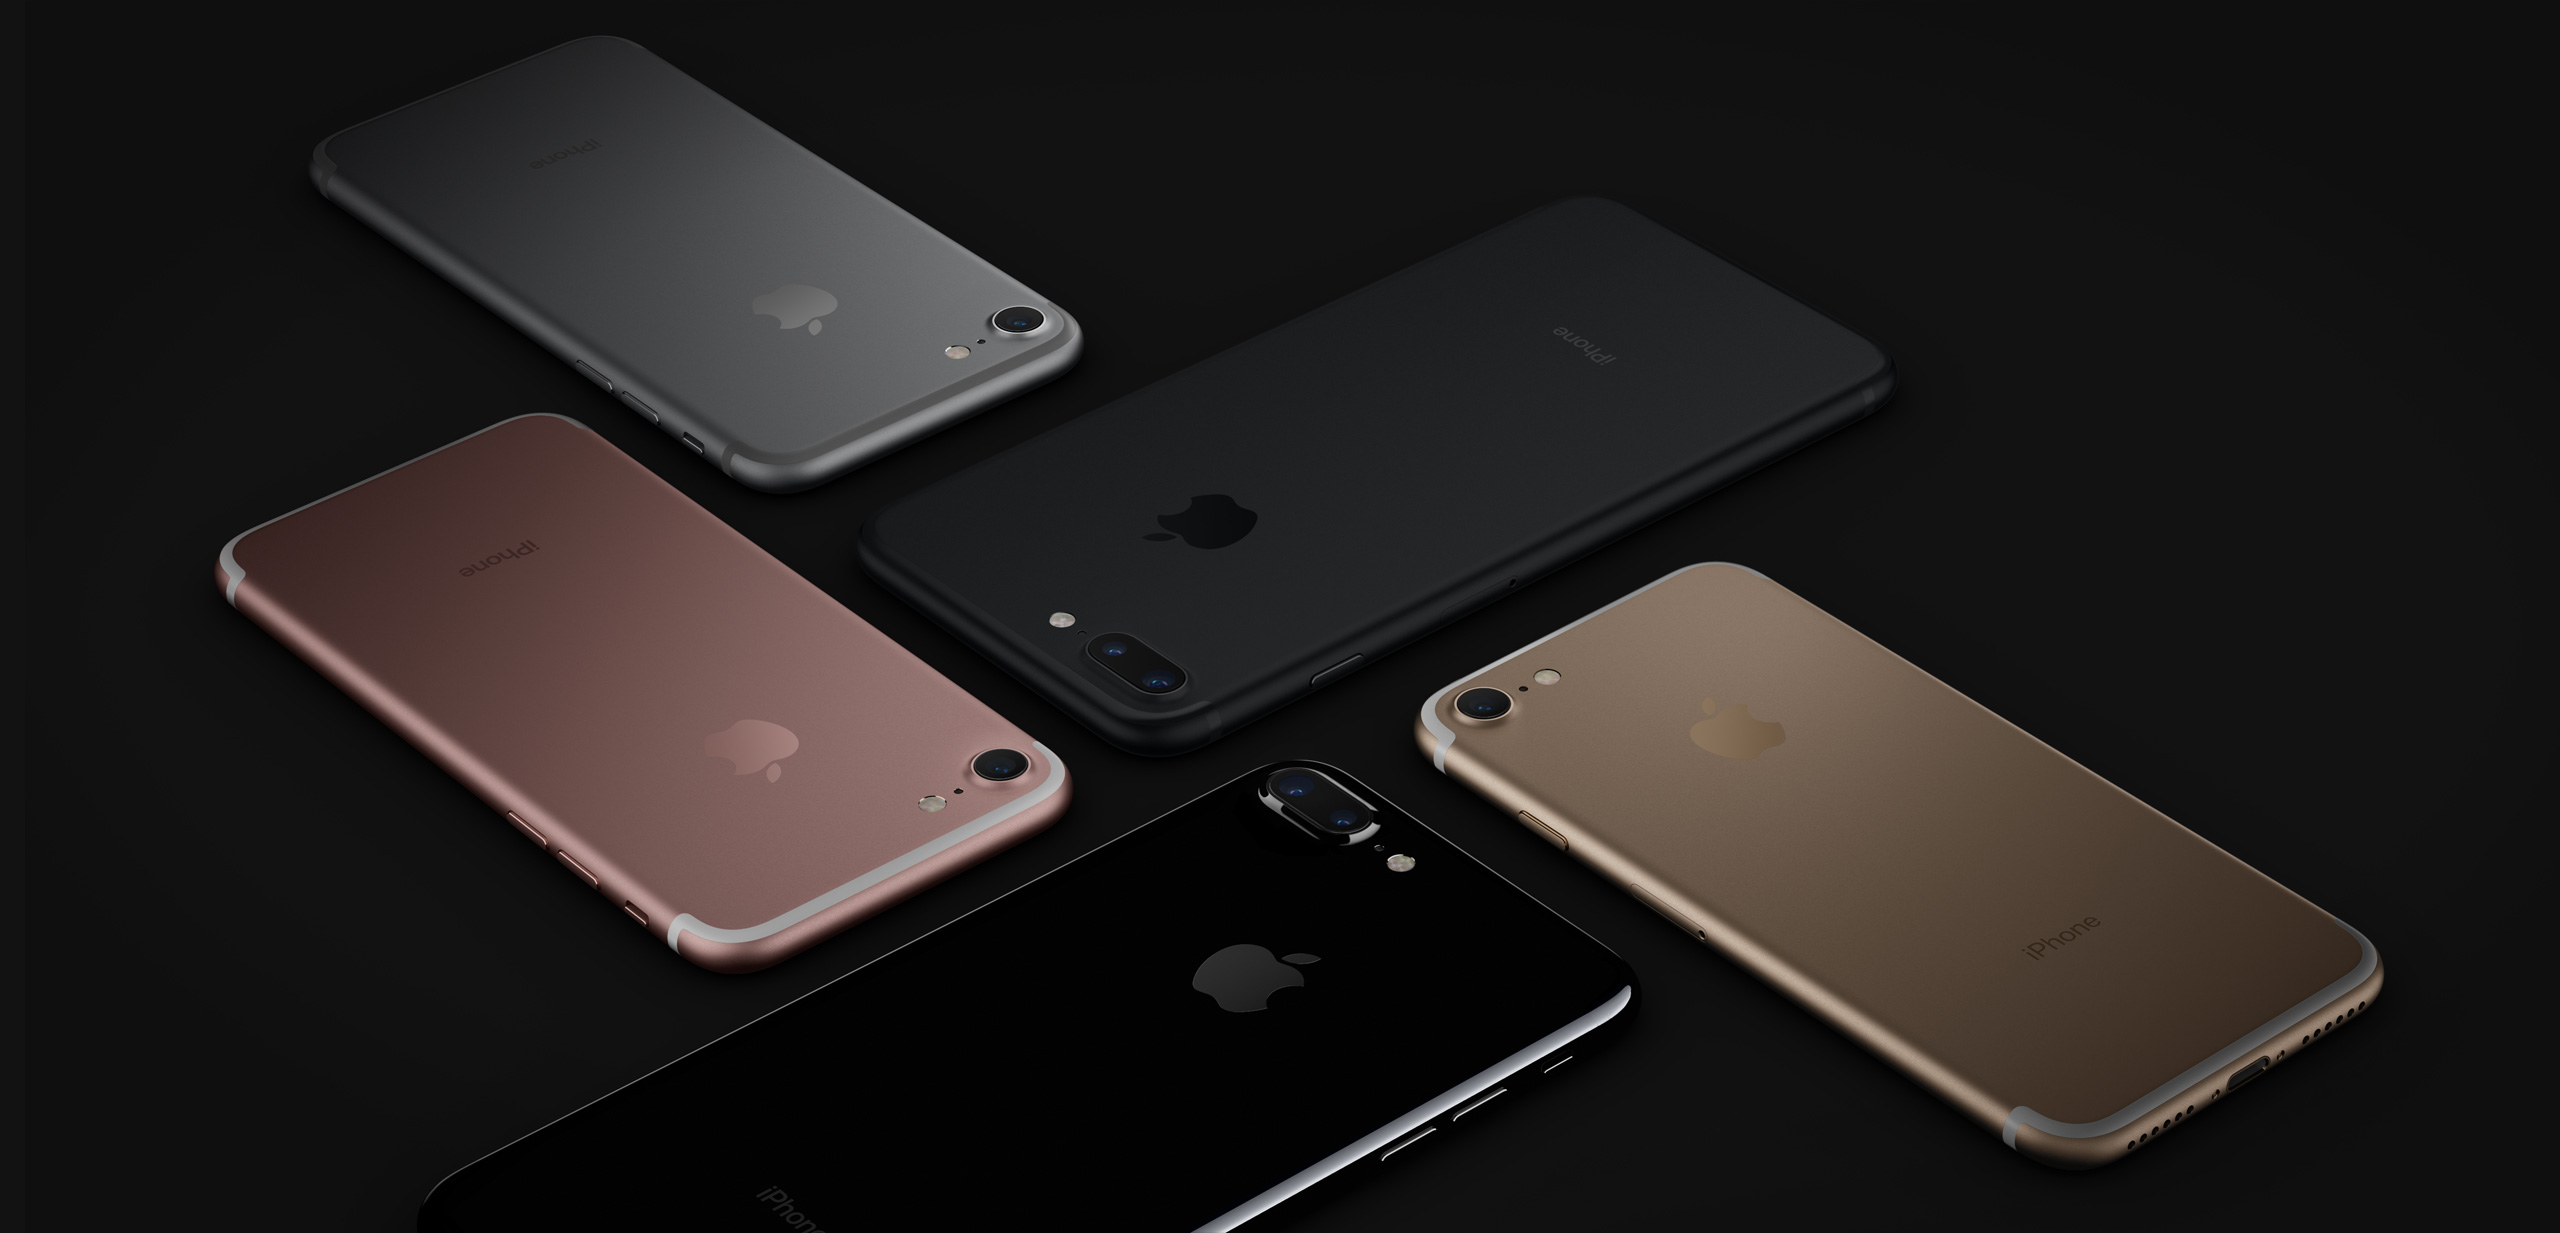 iPhone-7-iPhone-7-Plus-Price-004